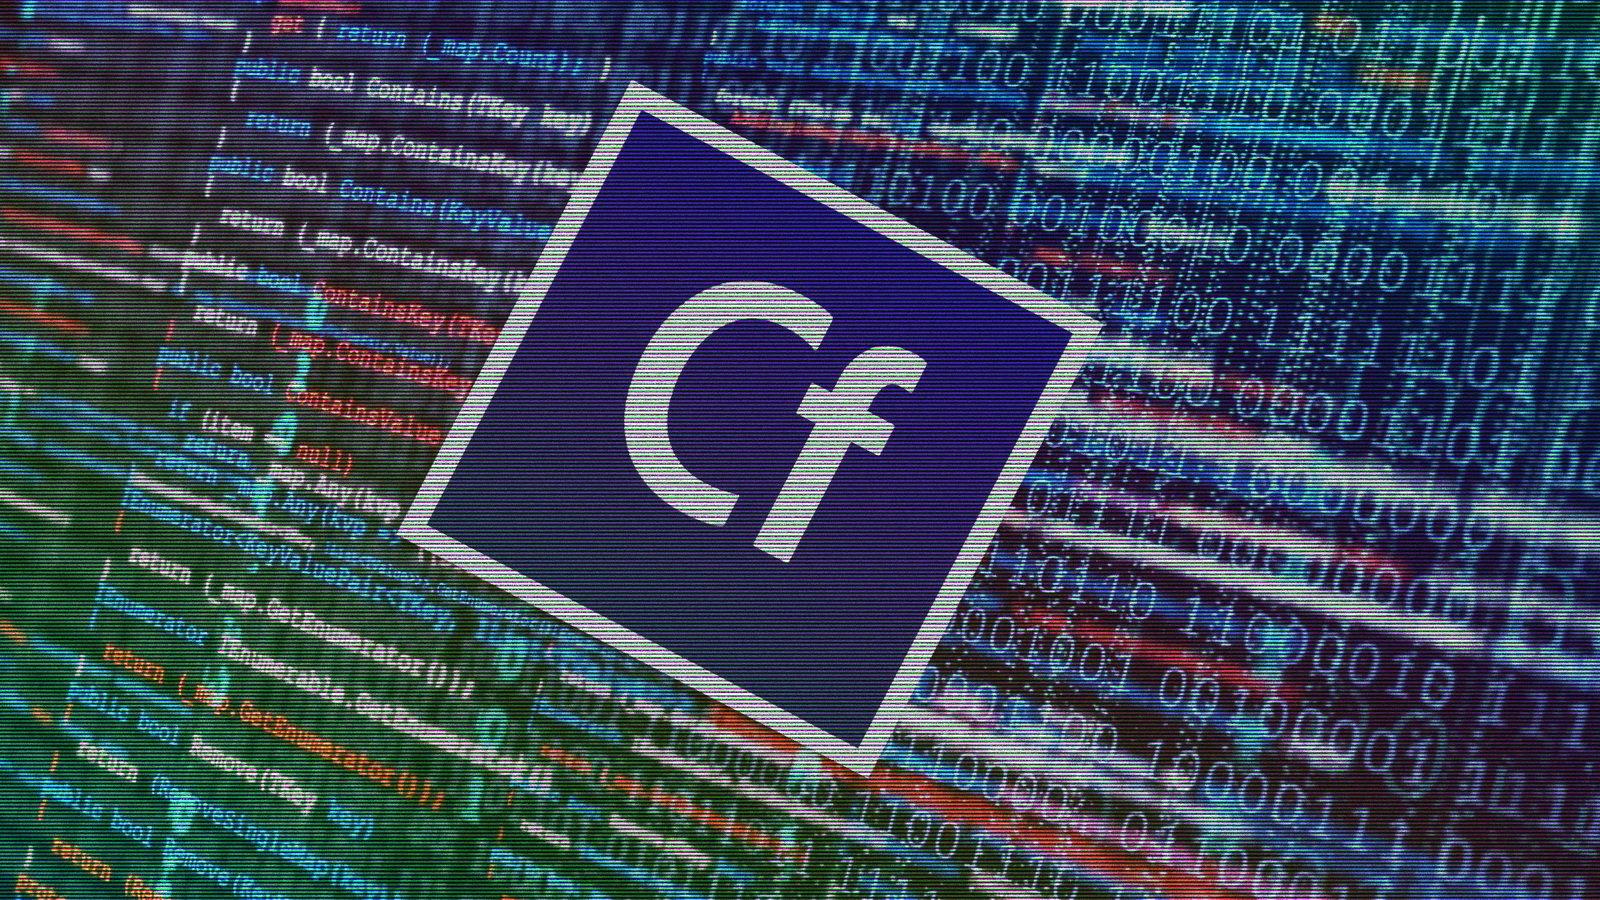 Внеплановый патч для Adobe ColdFusion исправил RCE-уязвимость